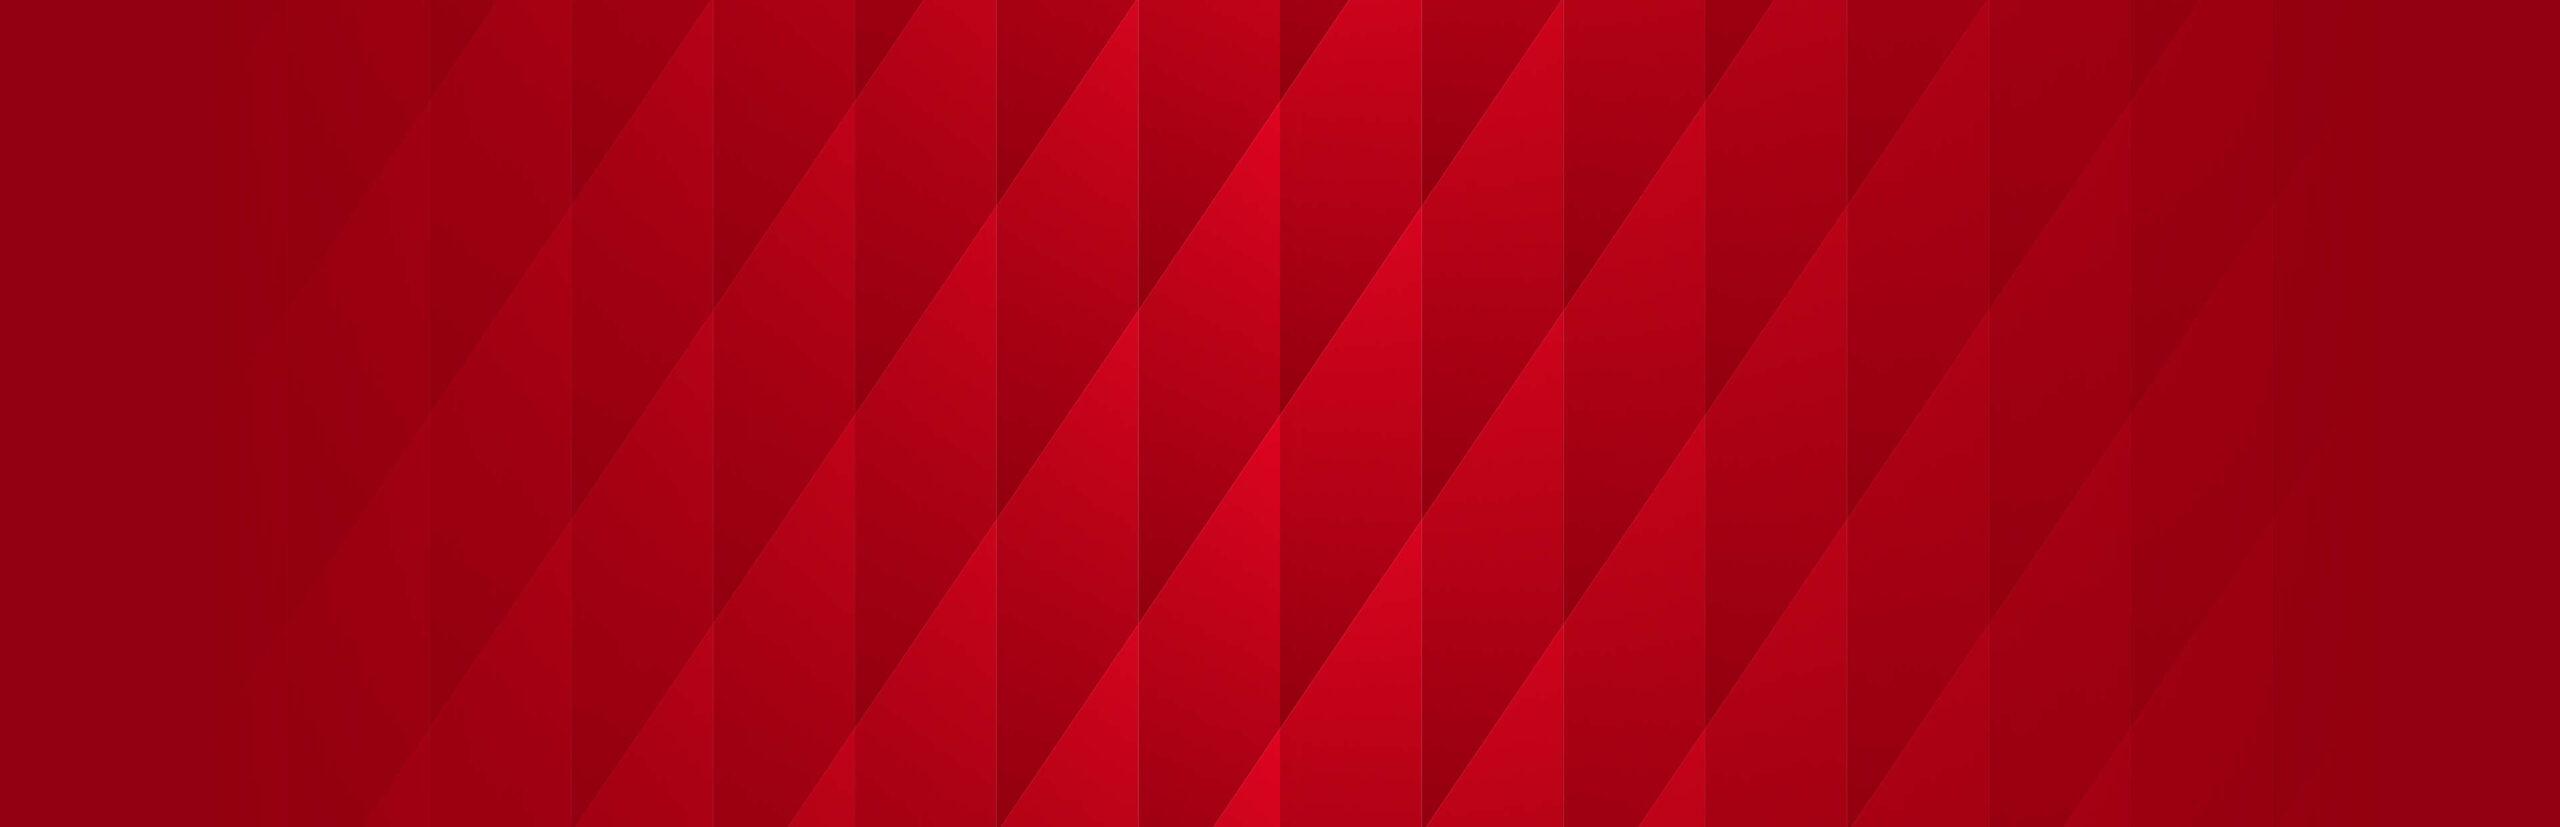 redsbet testimonial desktop